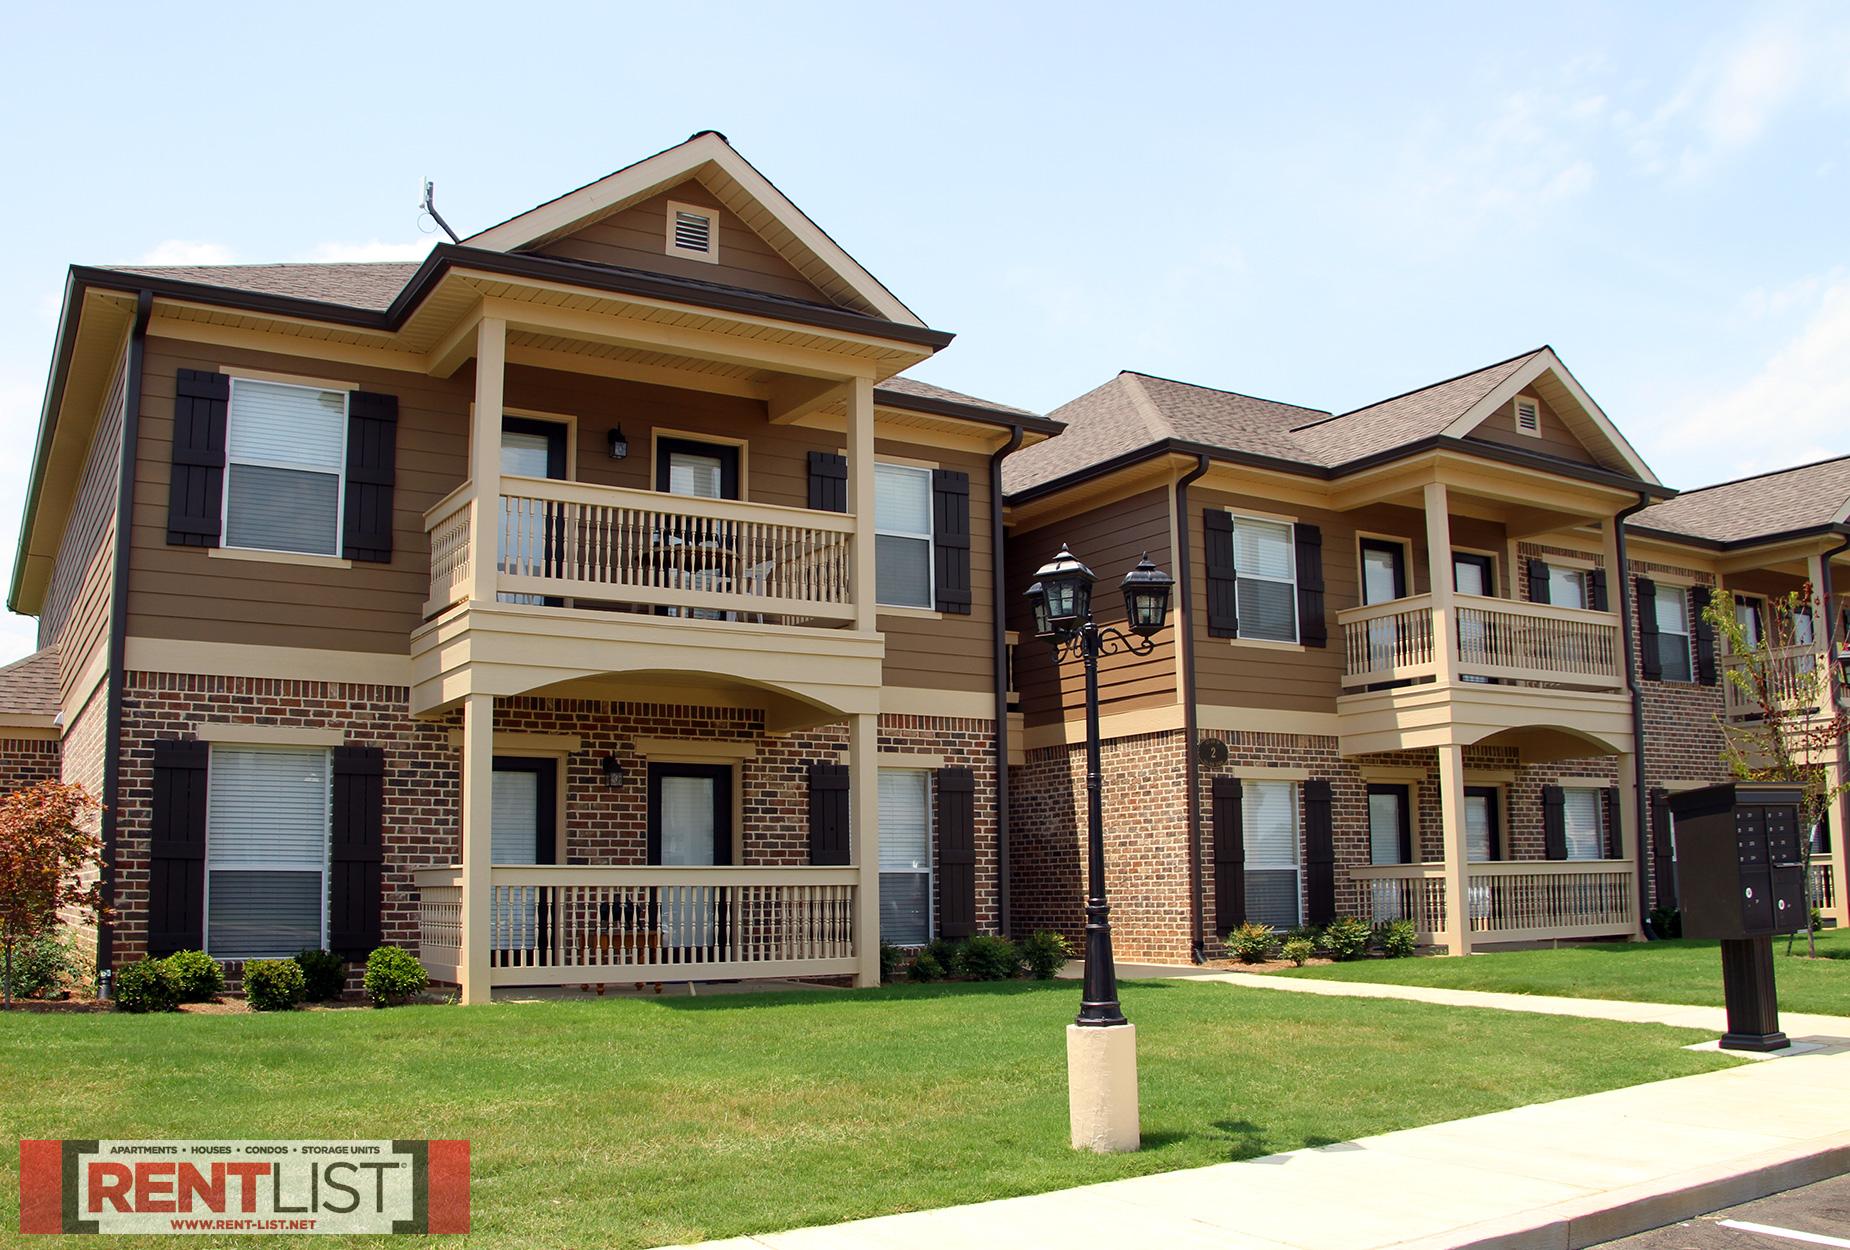 Park Place Apartments - Rent List